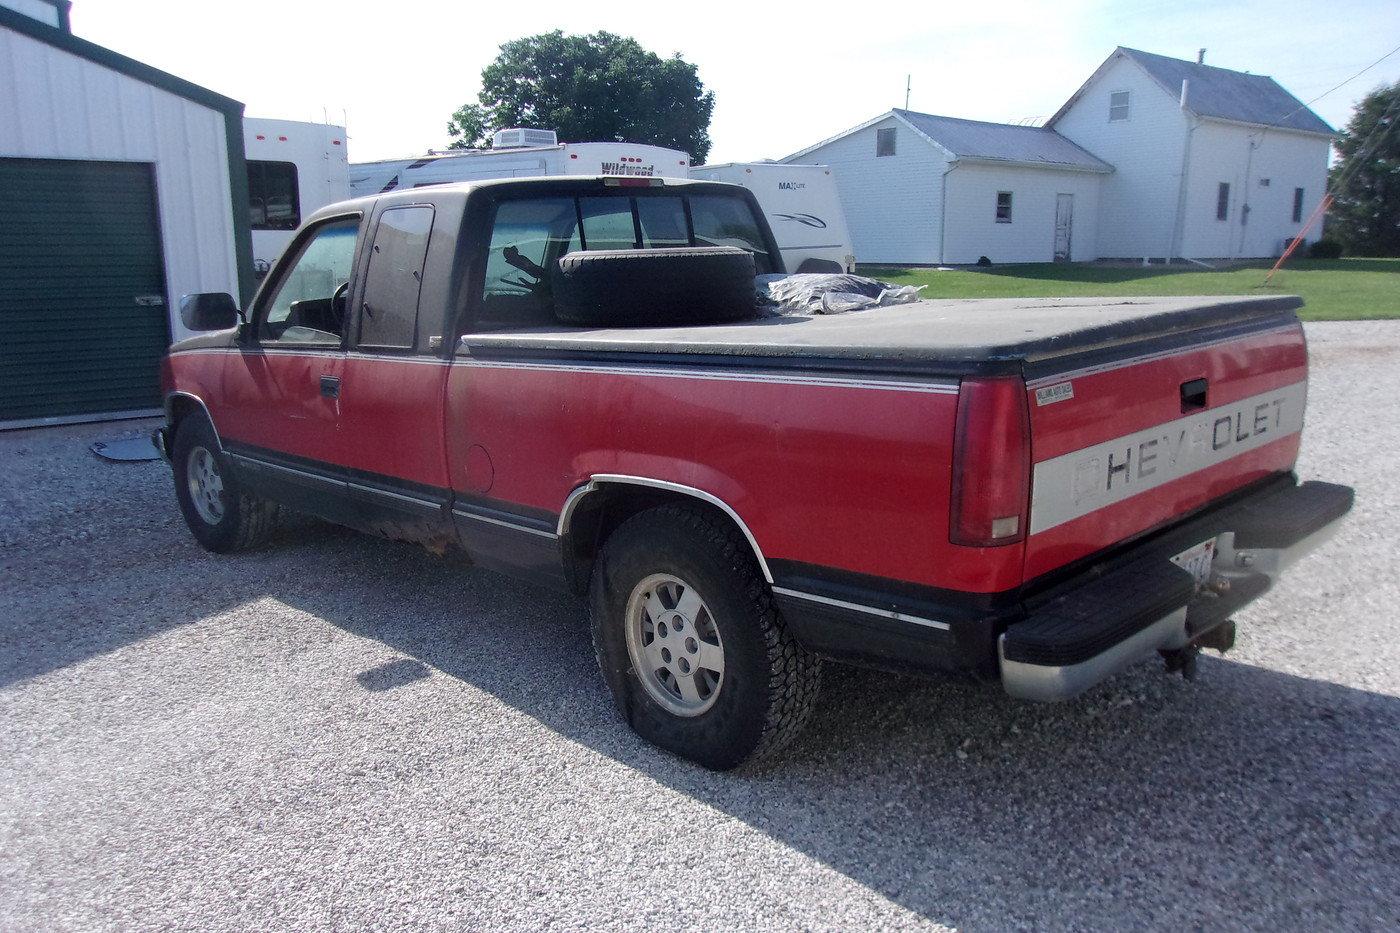 1994 Chevrolet Silverado Pickup $4800 USD For Sale (picture 5 of 6)